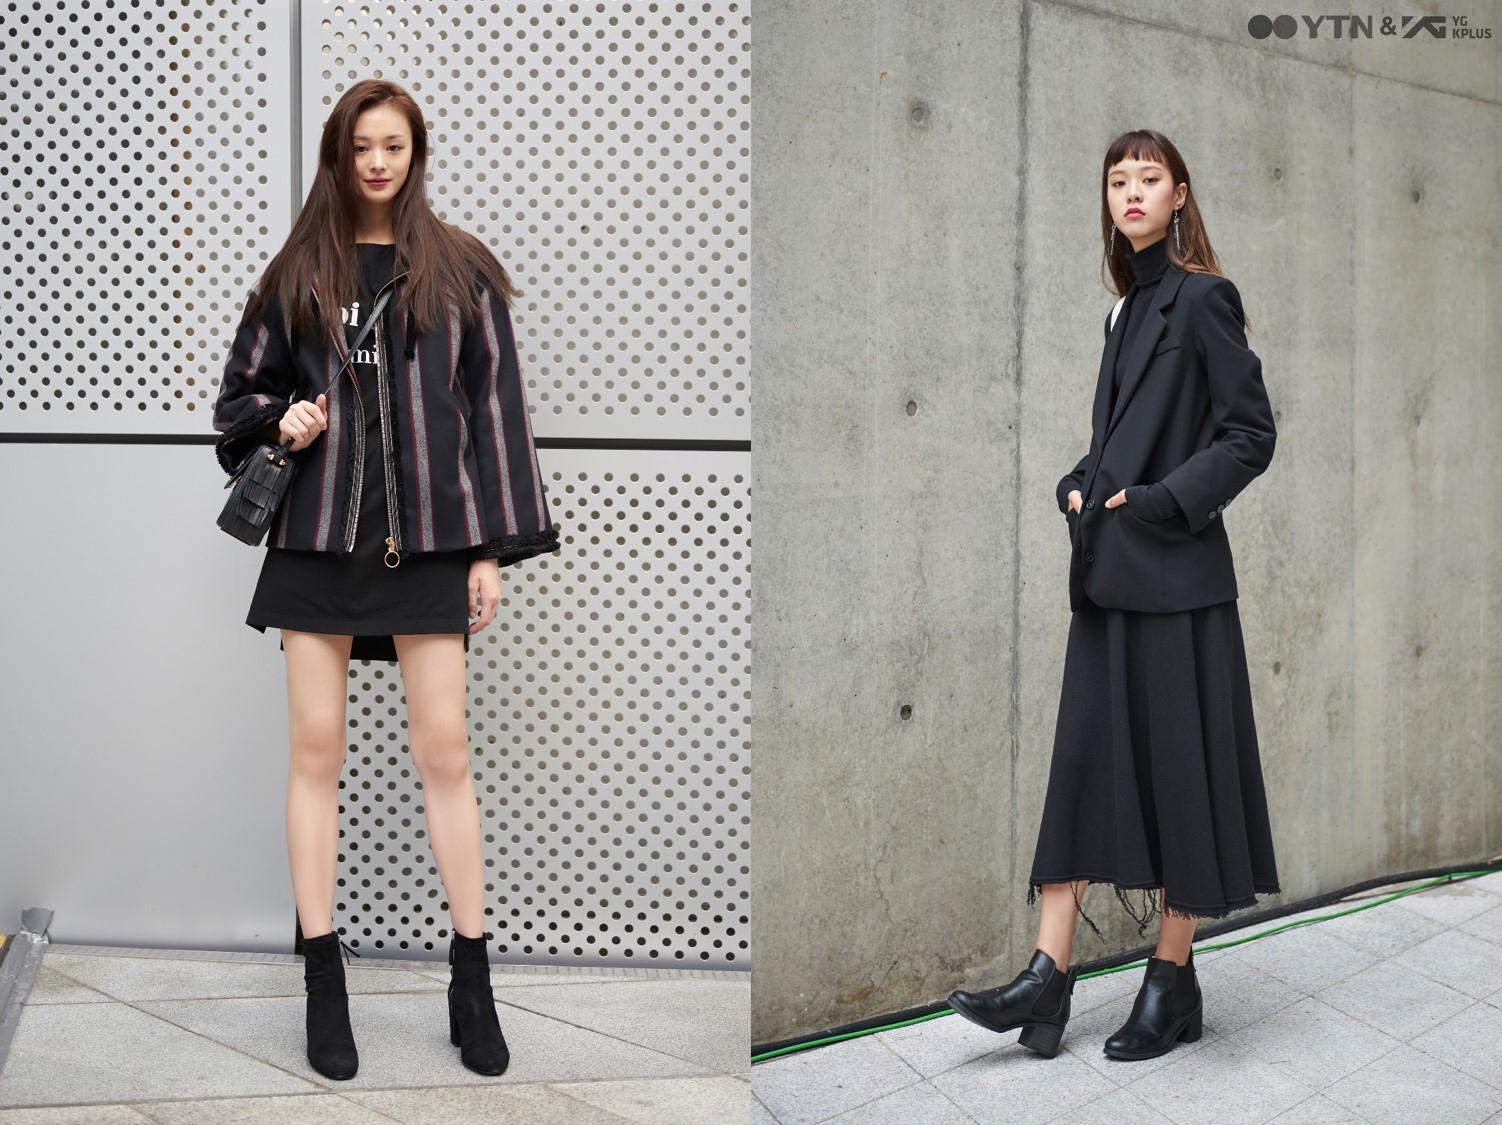 최윤영-조은서의 블랙 스타일링 '내 마음속에 저장'